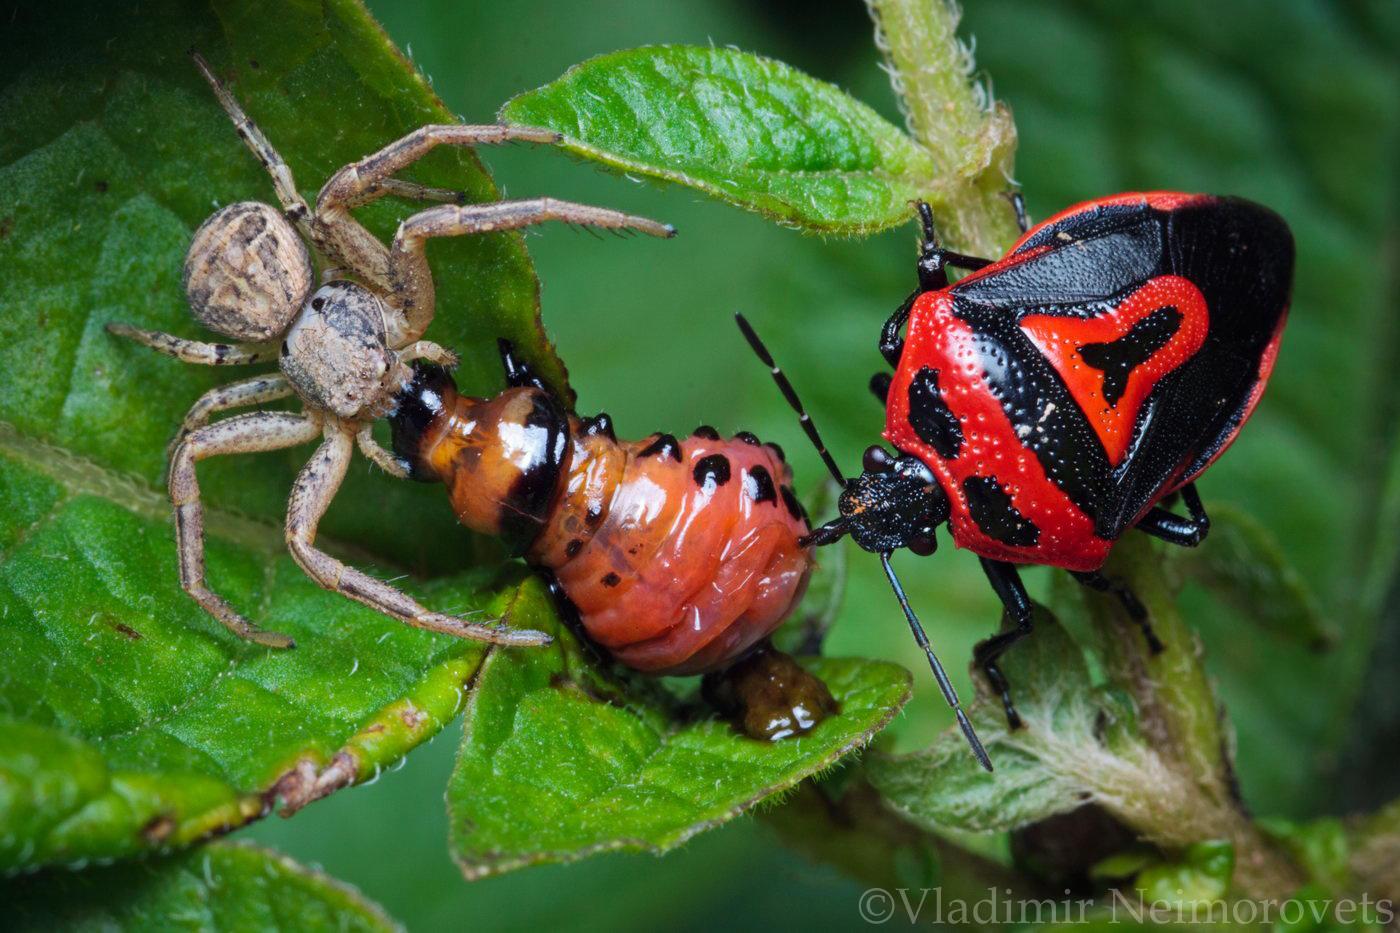 Xysticus sp. Perillus bioculatus Leptinotarsa decemlineata_Krasnodar Territory_North-Western Caucasus_spider_true bug_larvae_beetle_stink bug